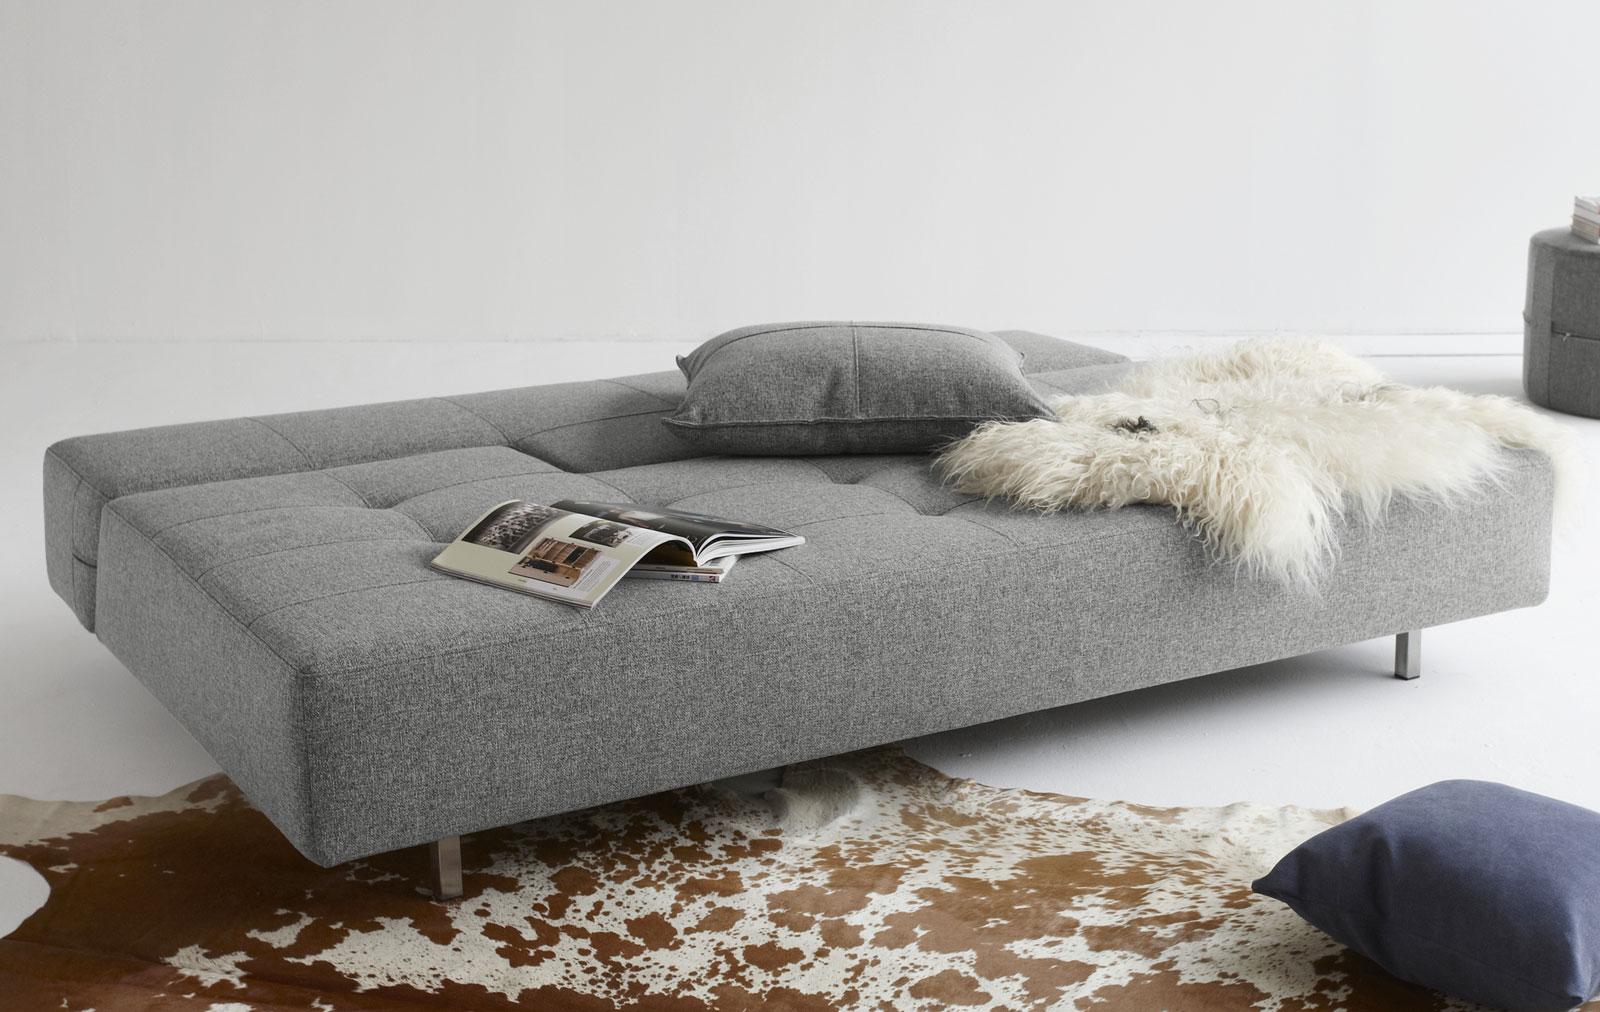 Full Size of Couch Ausklappbar Verstellbares Schlafsofa Mit Sitztiefe Ber 70 Cm Ross Bett Ausklappbares Wohnzimmer Couch Ausklappbar